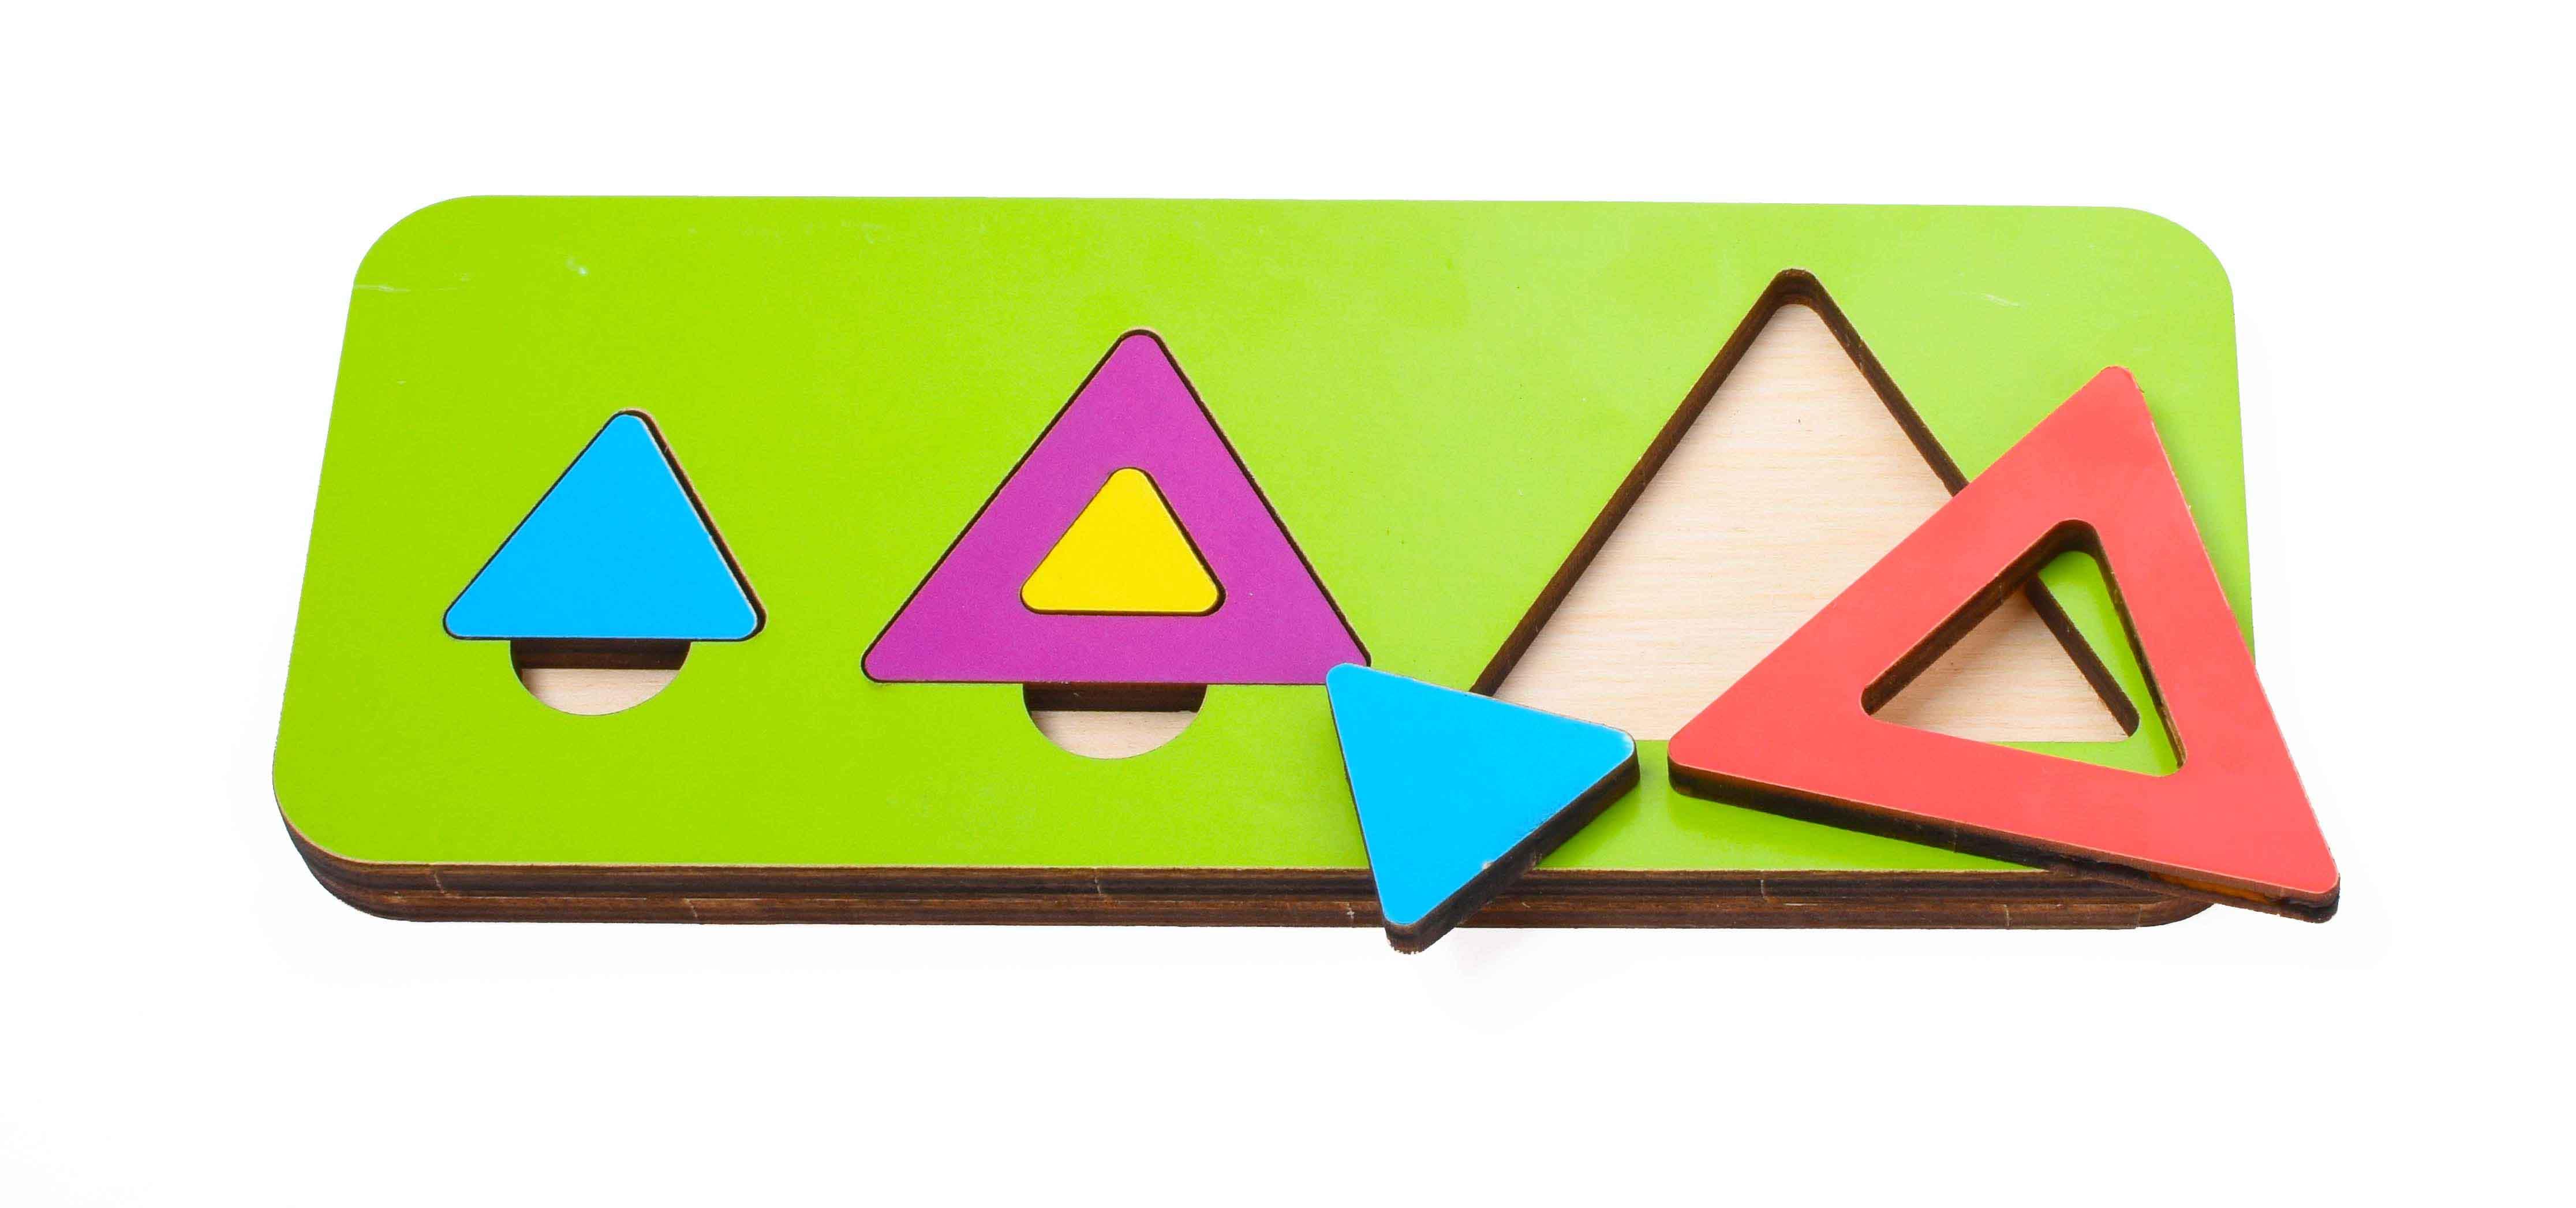 Игрушка детская:04078 Вкладыш 6 элементов треугольник (по системе раннего развития) цвет в асс-те